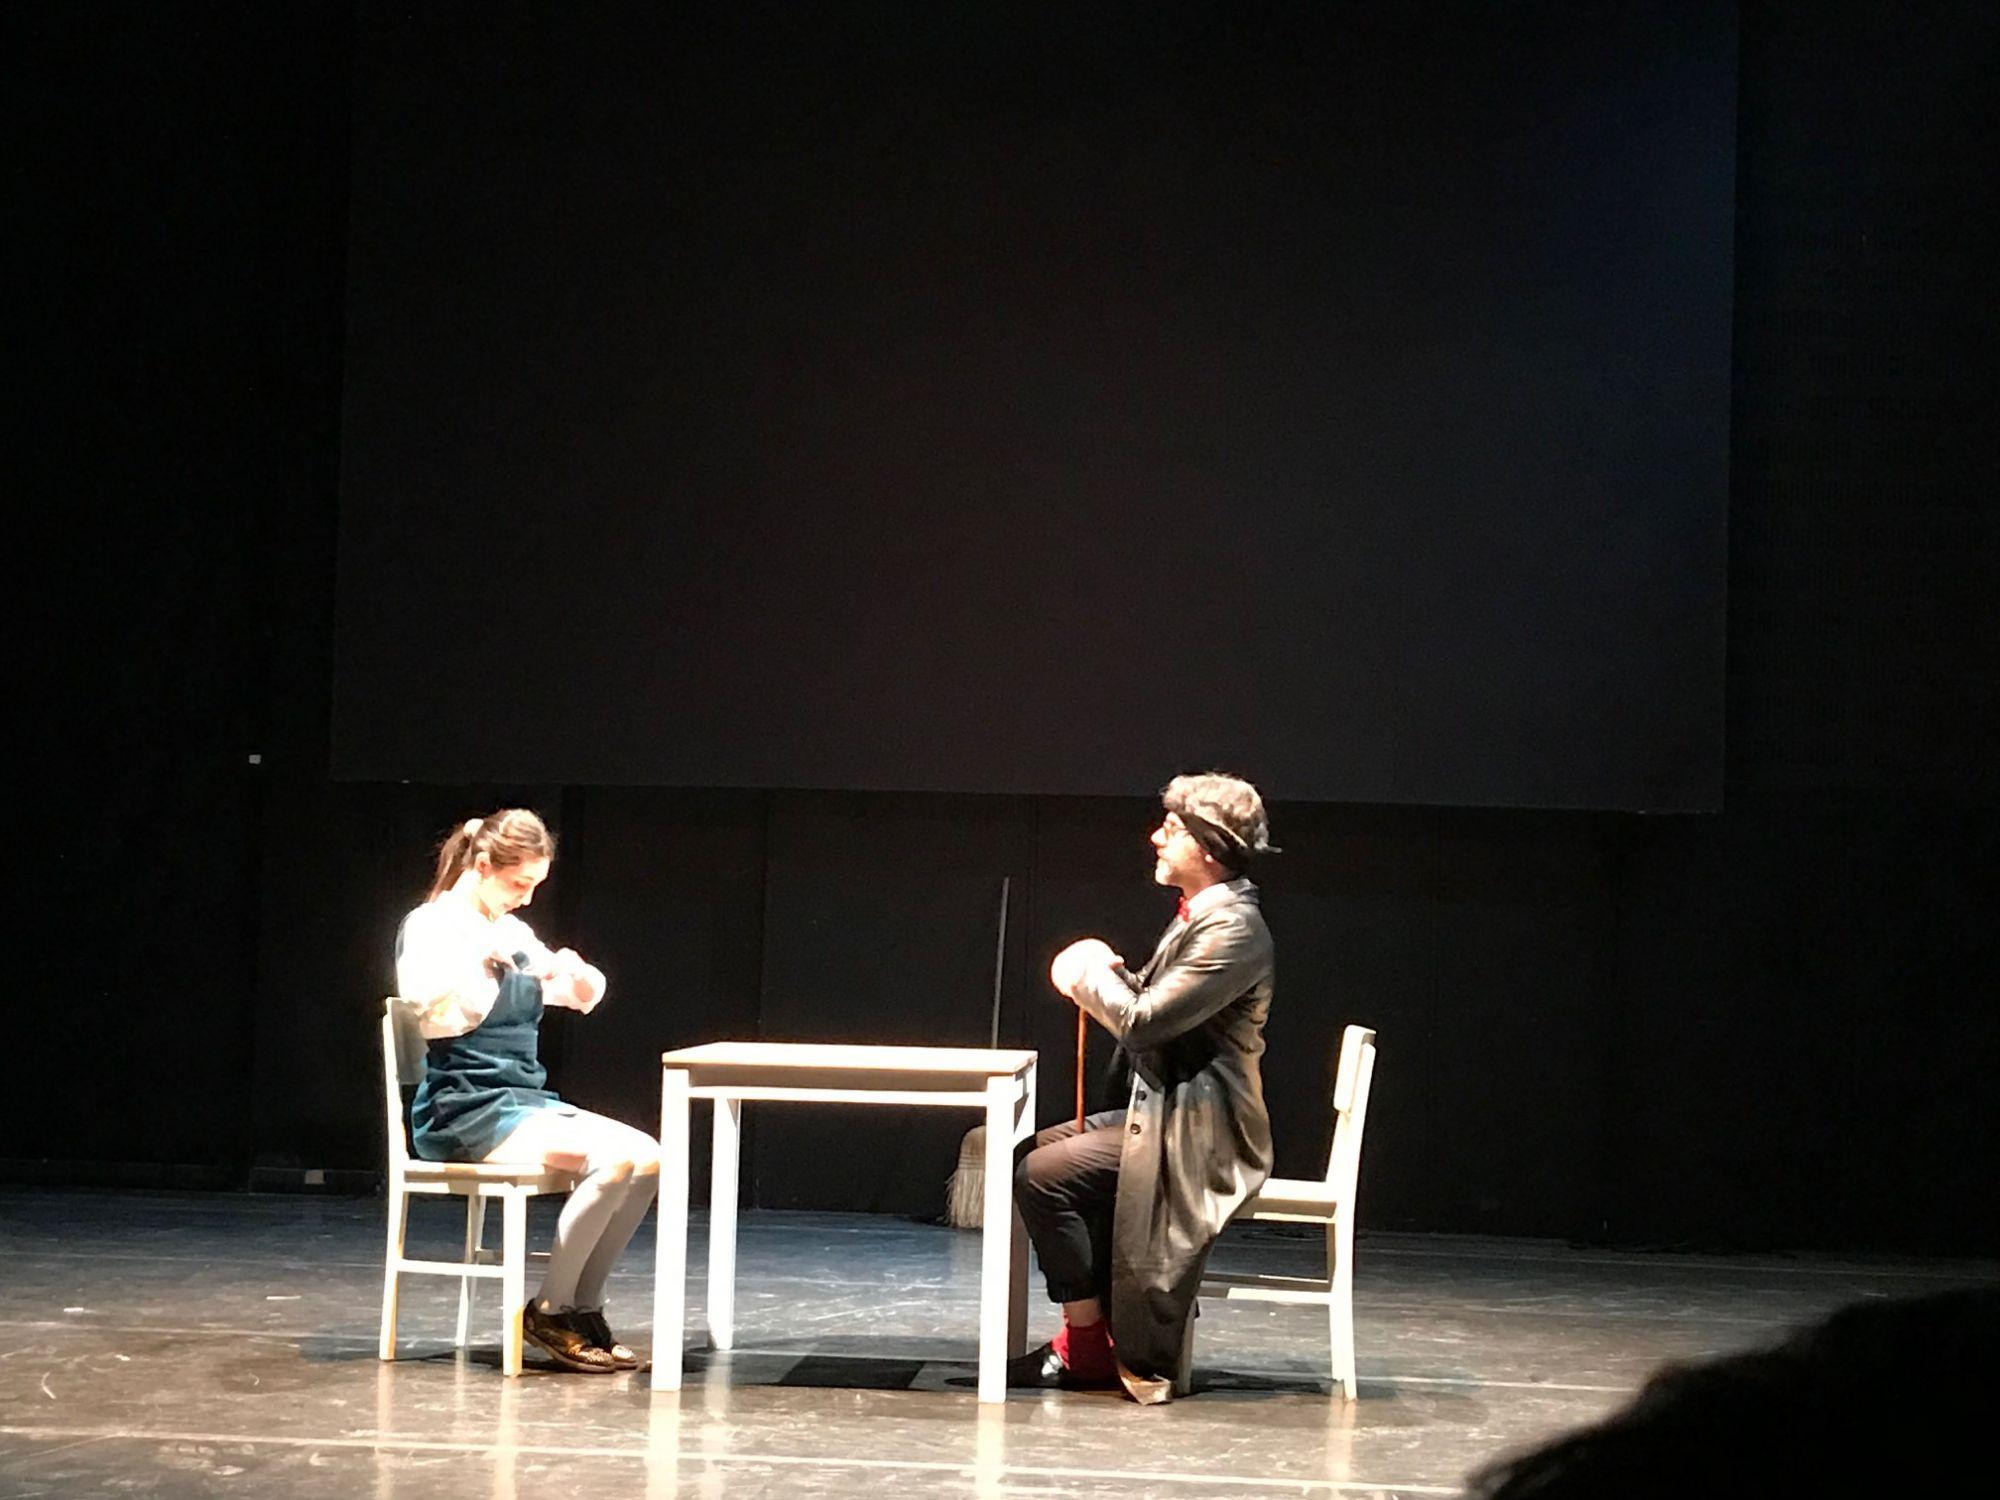 La lezione - Teatro la Foce, 30 marzo 2019